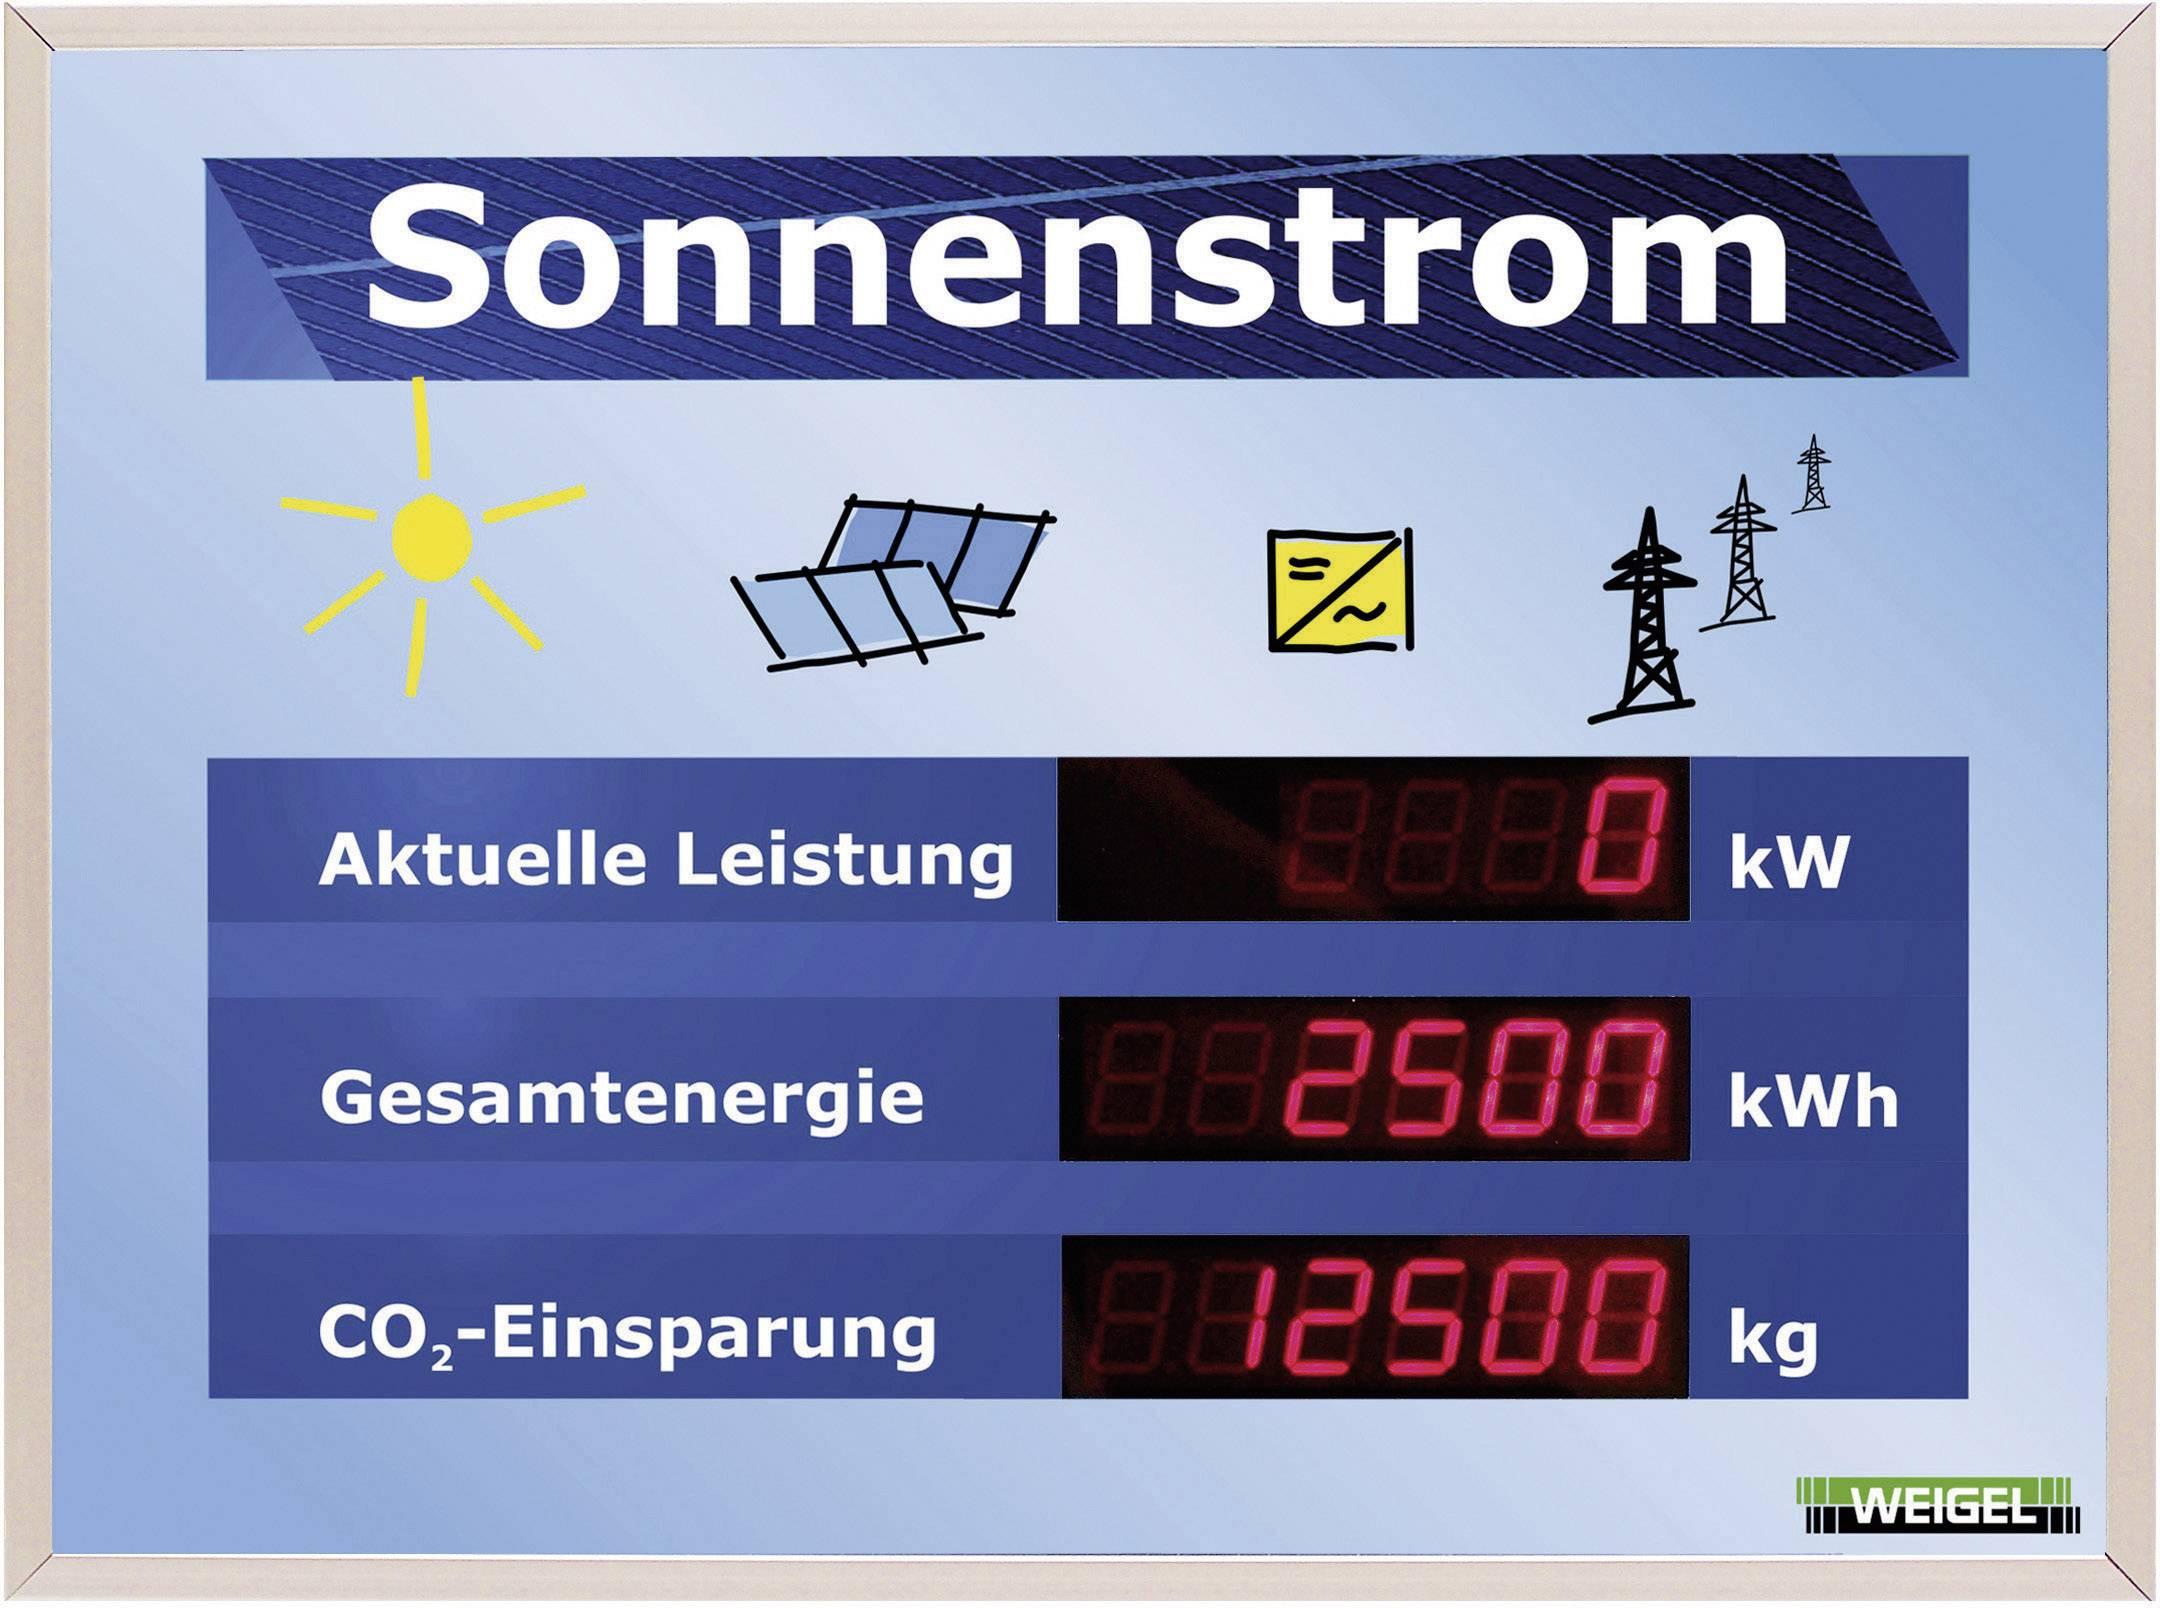 LED displej pre fotovoltaické systémy Weigel WGA330-19-41